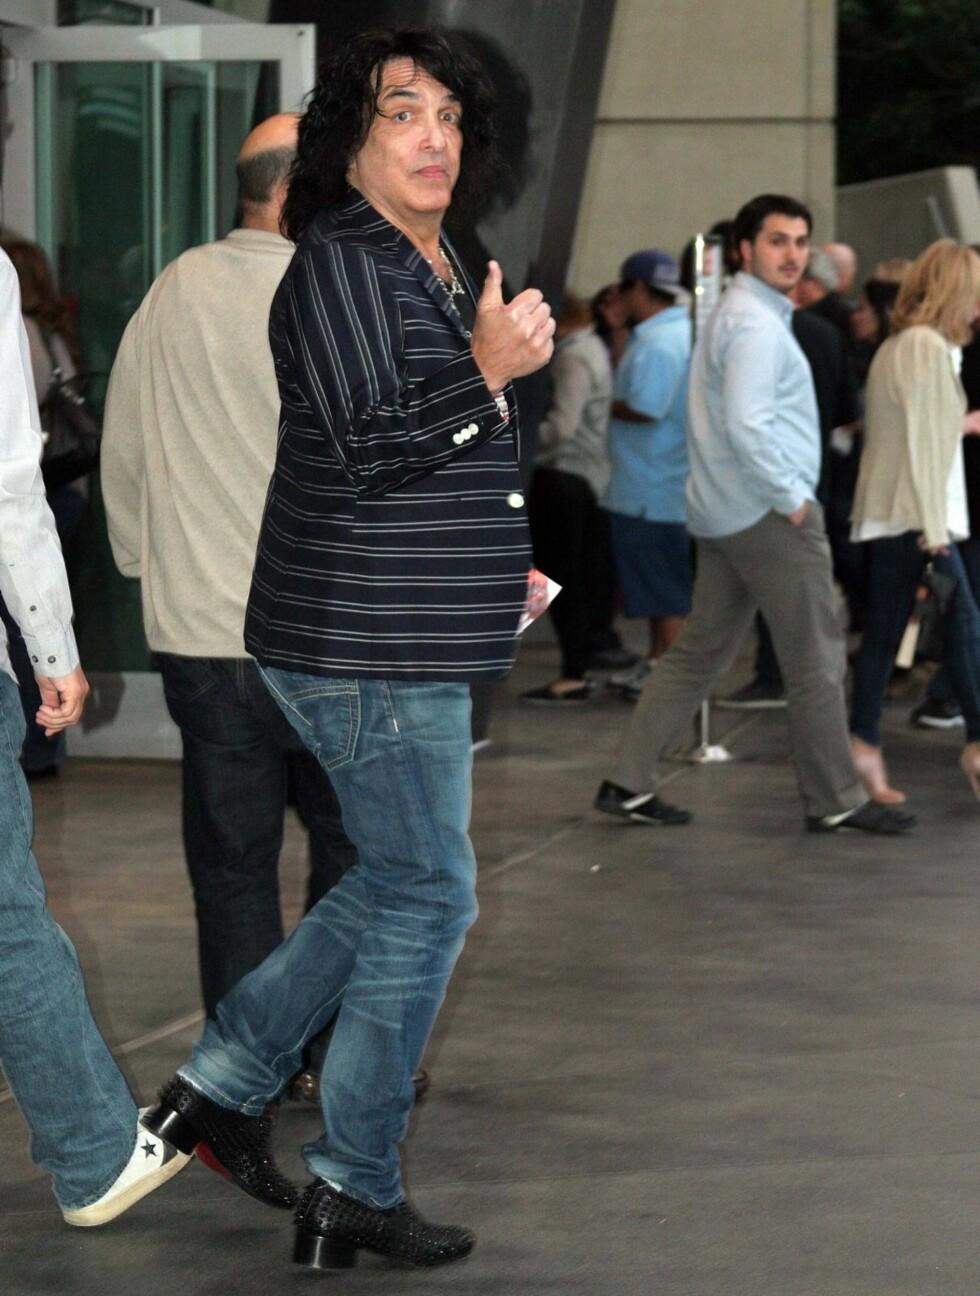 LA SMINKEN IGJEN HJEMME: Kiss-gitarist Paul Stanley kom som seg selv på Rolling Stones-konsert. Foto: All Over Press